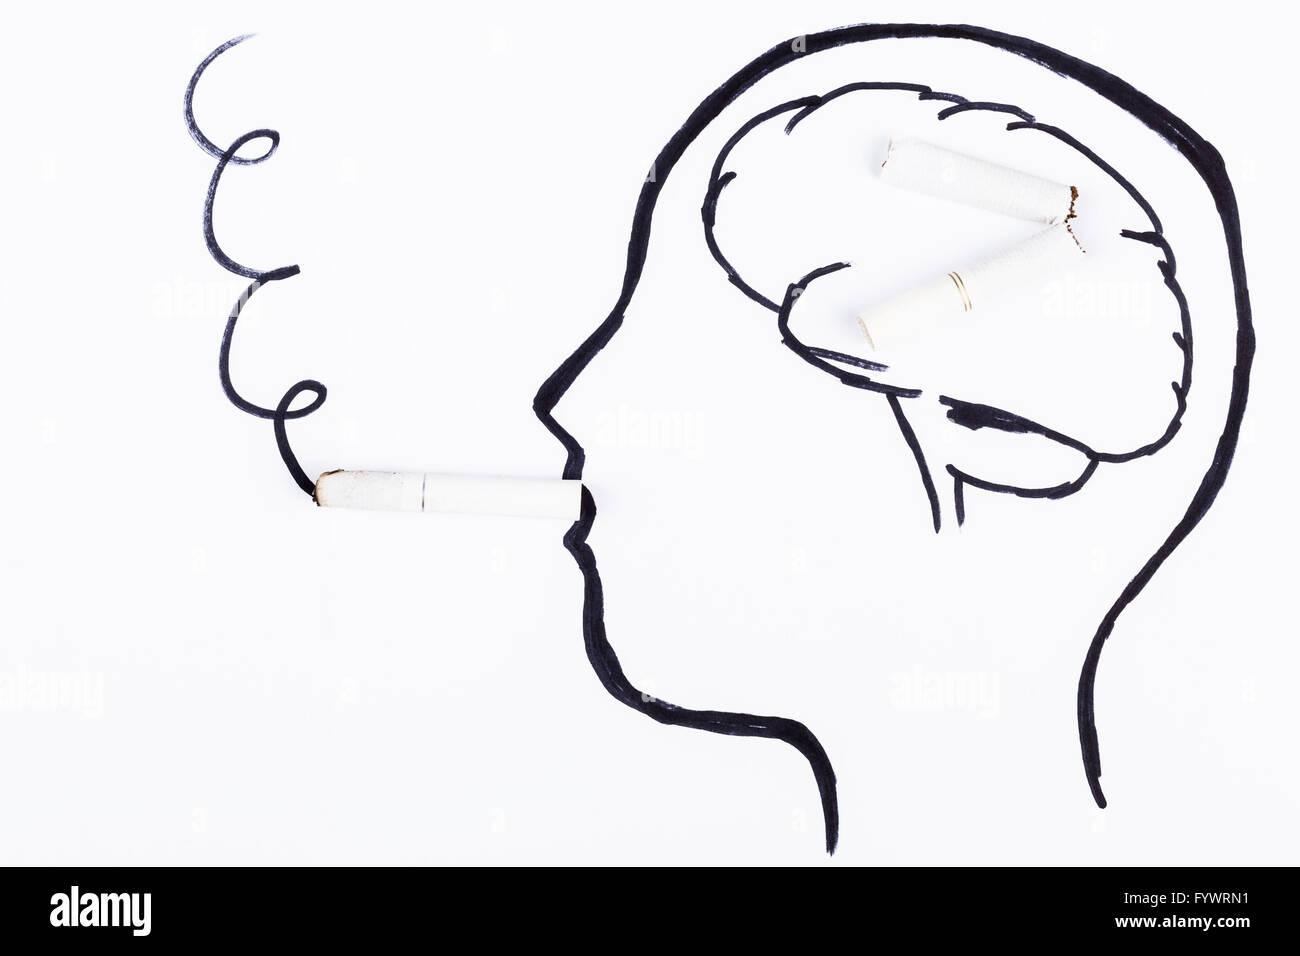 Smoking Brain - Stock Image